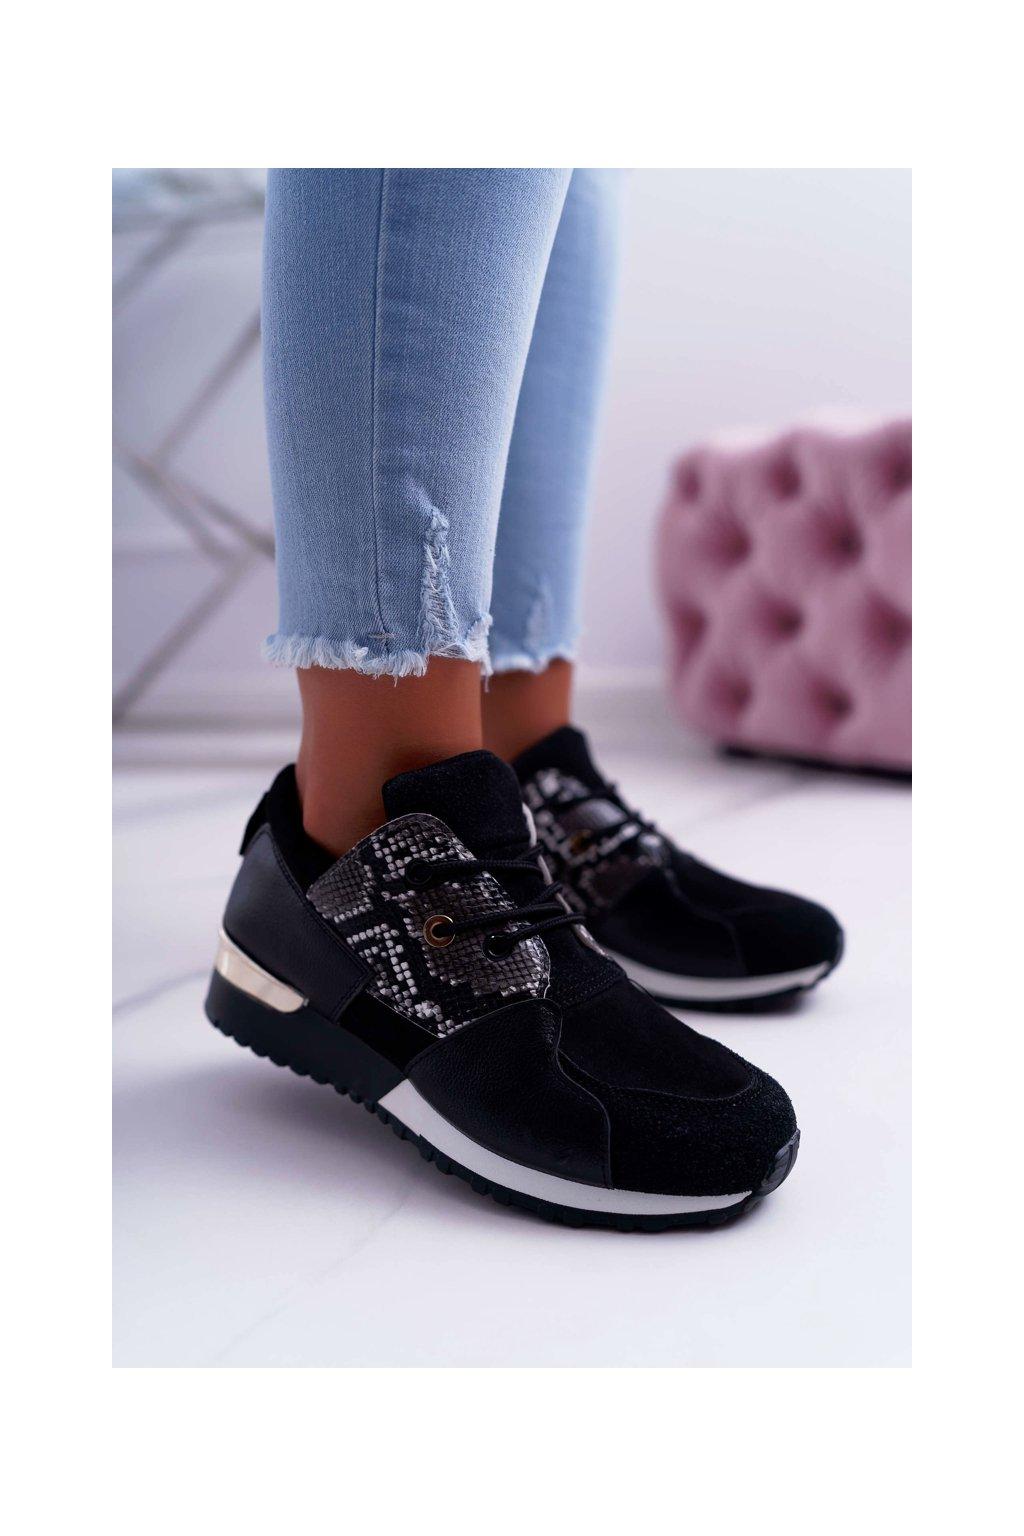 Dámska športová obuv čierne Tri Star